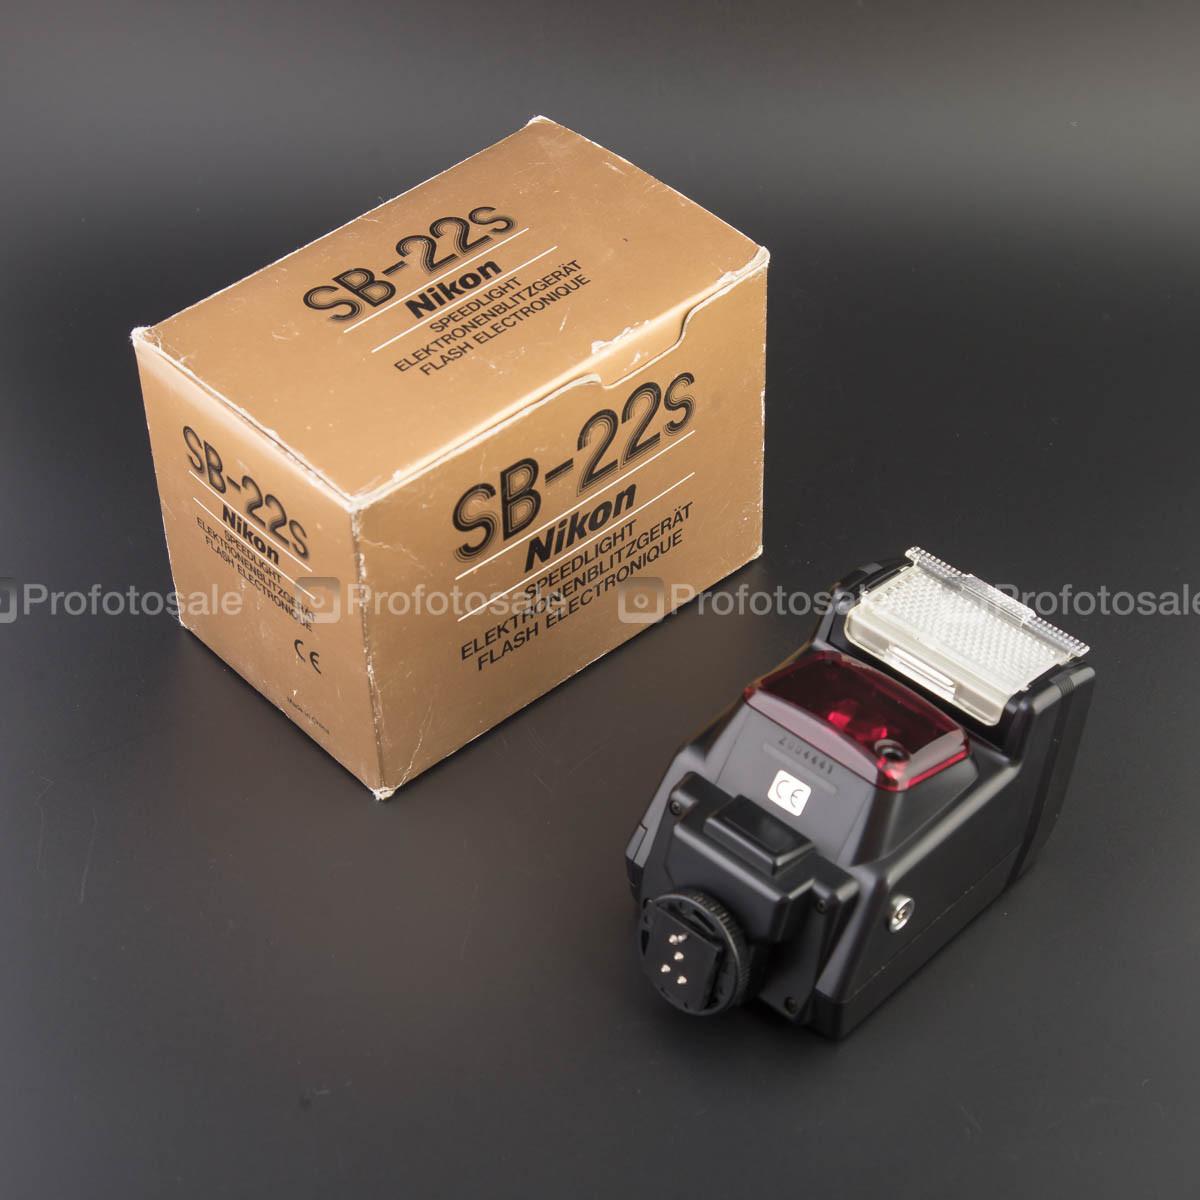 Вспышка Nikon SB 22S